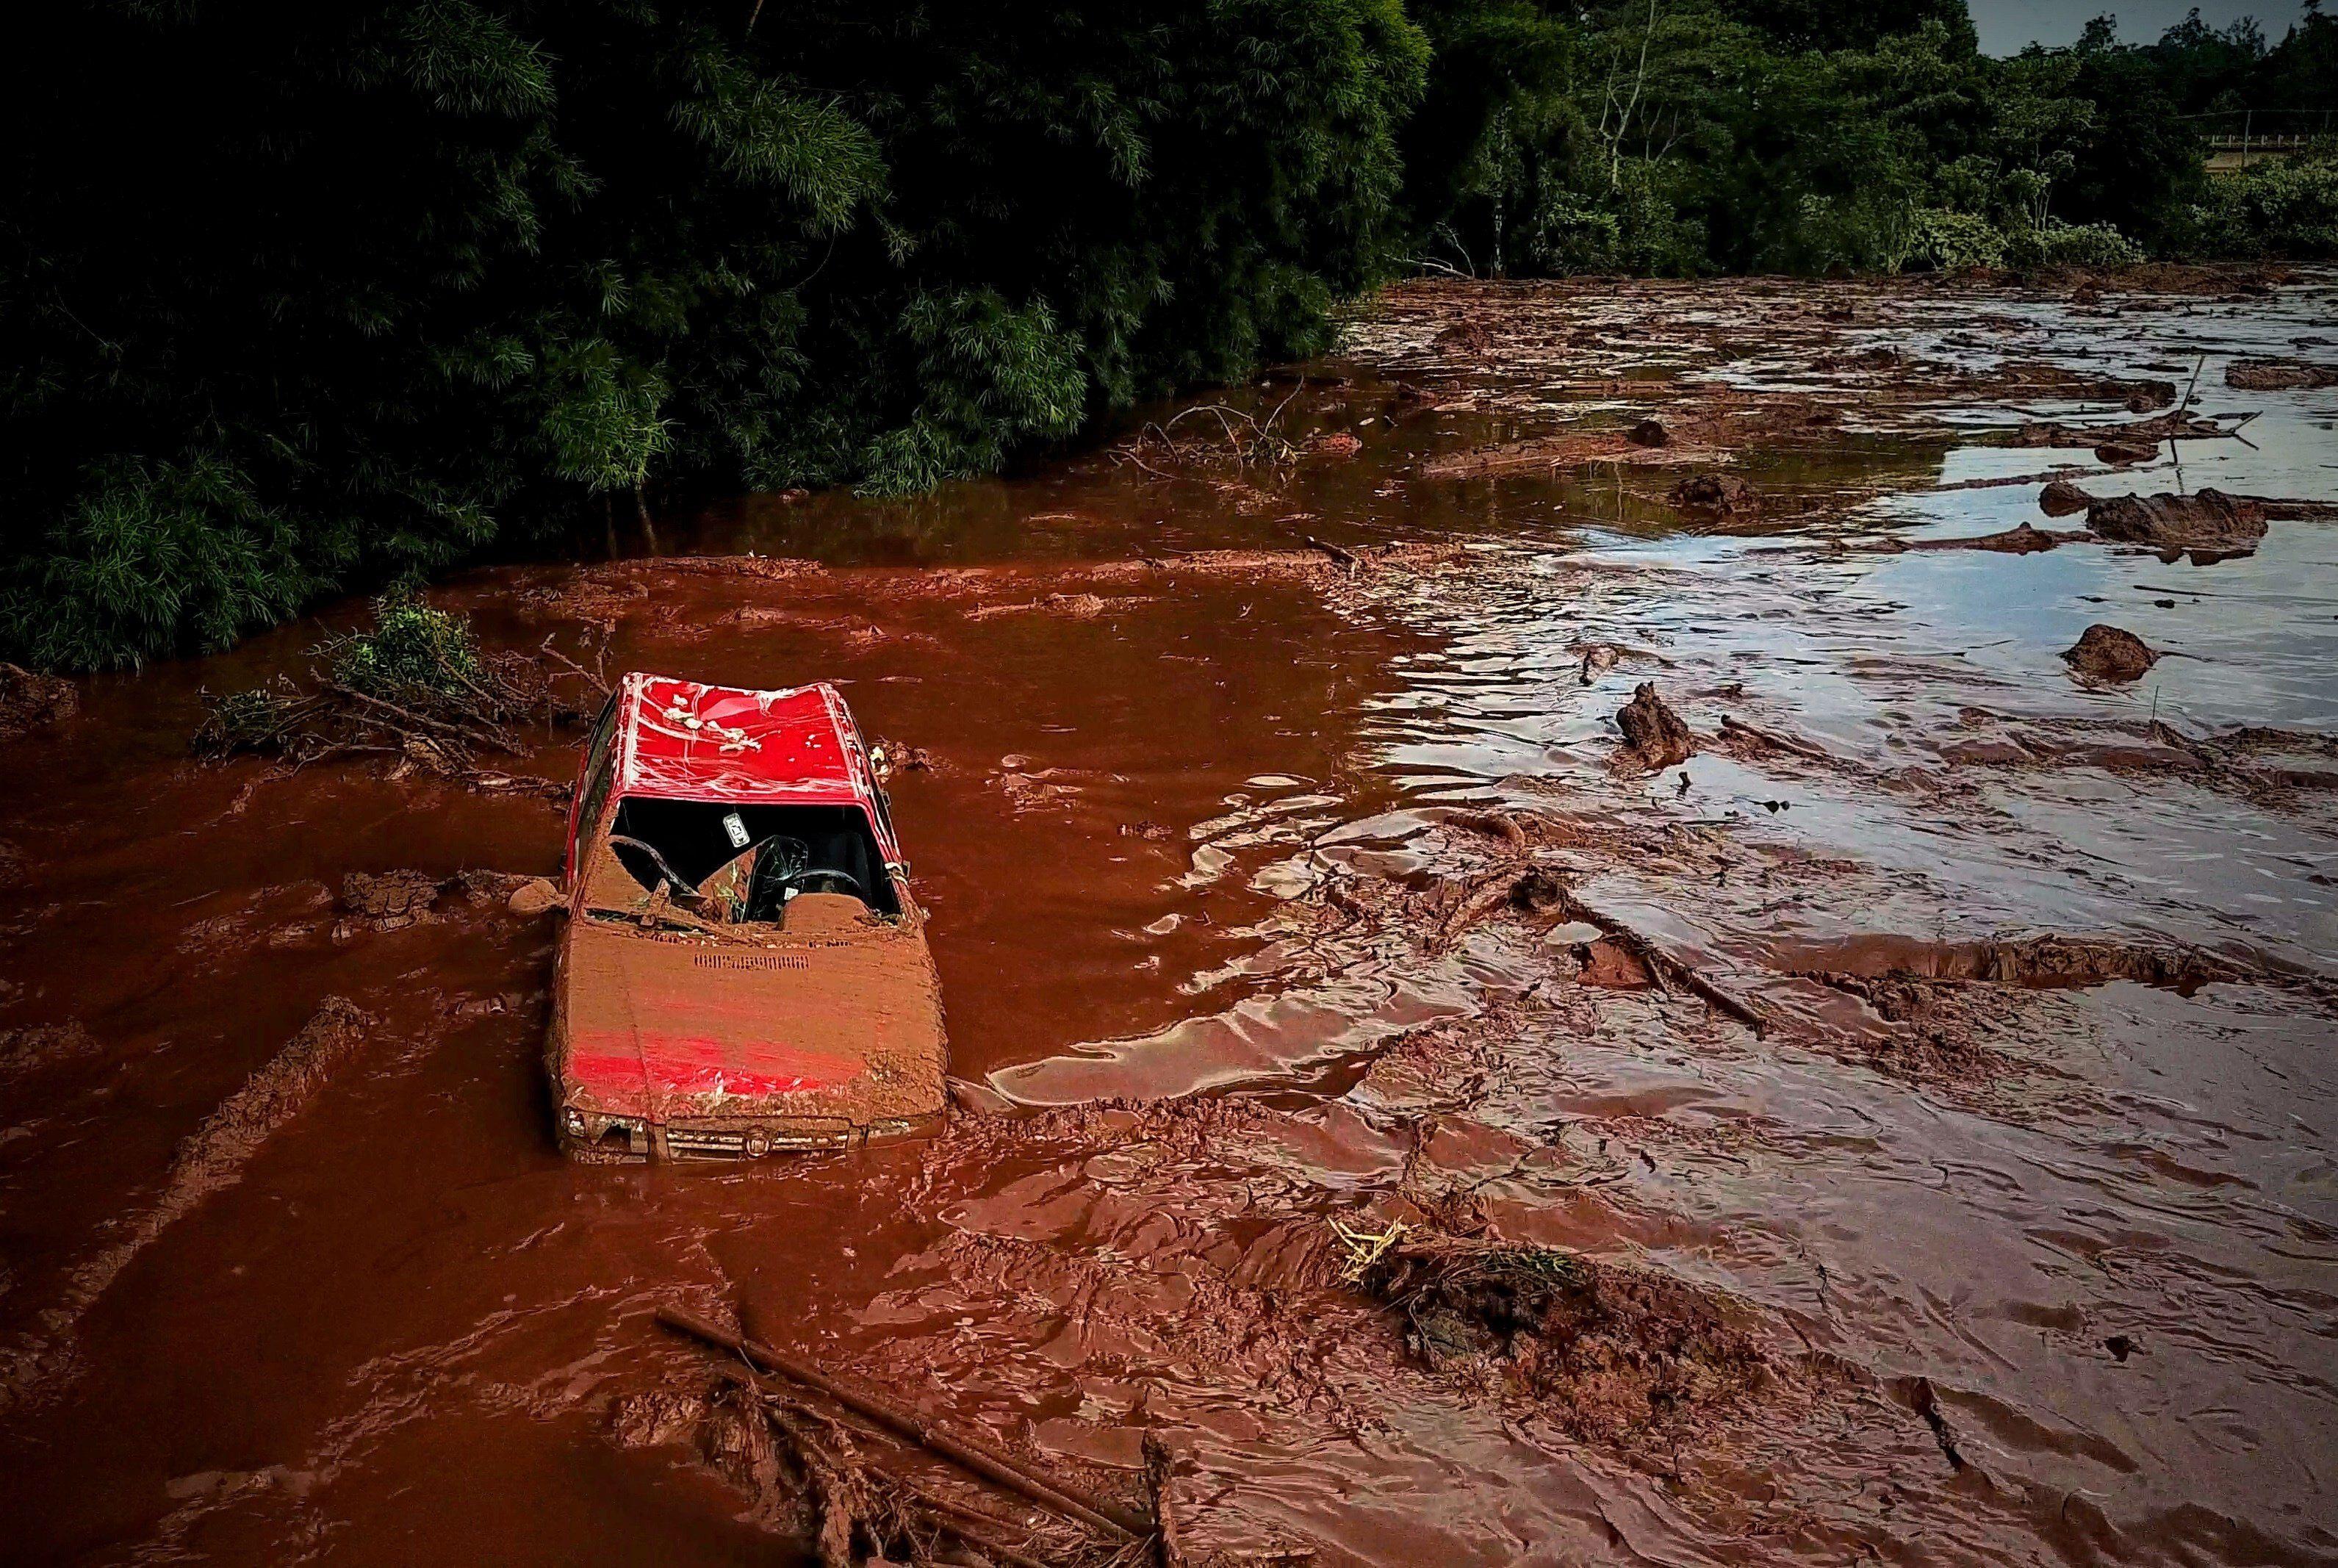 La ruptura en enero de 2019 de una represa de Vale en Brumadinho, en el estado de Minas Gerais, generó un 'tsunami' de residuos que cubrió miles de hectáreas y provocó la muerte de 259 personas y la desaparición de otras 11. EFE/Yuri Edmundo/Archivo